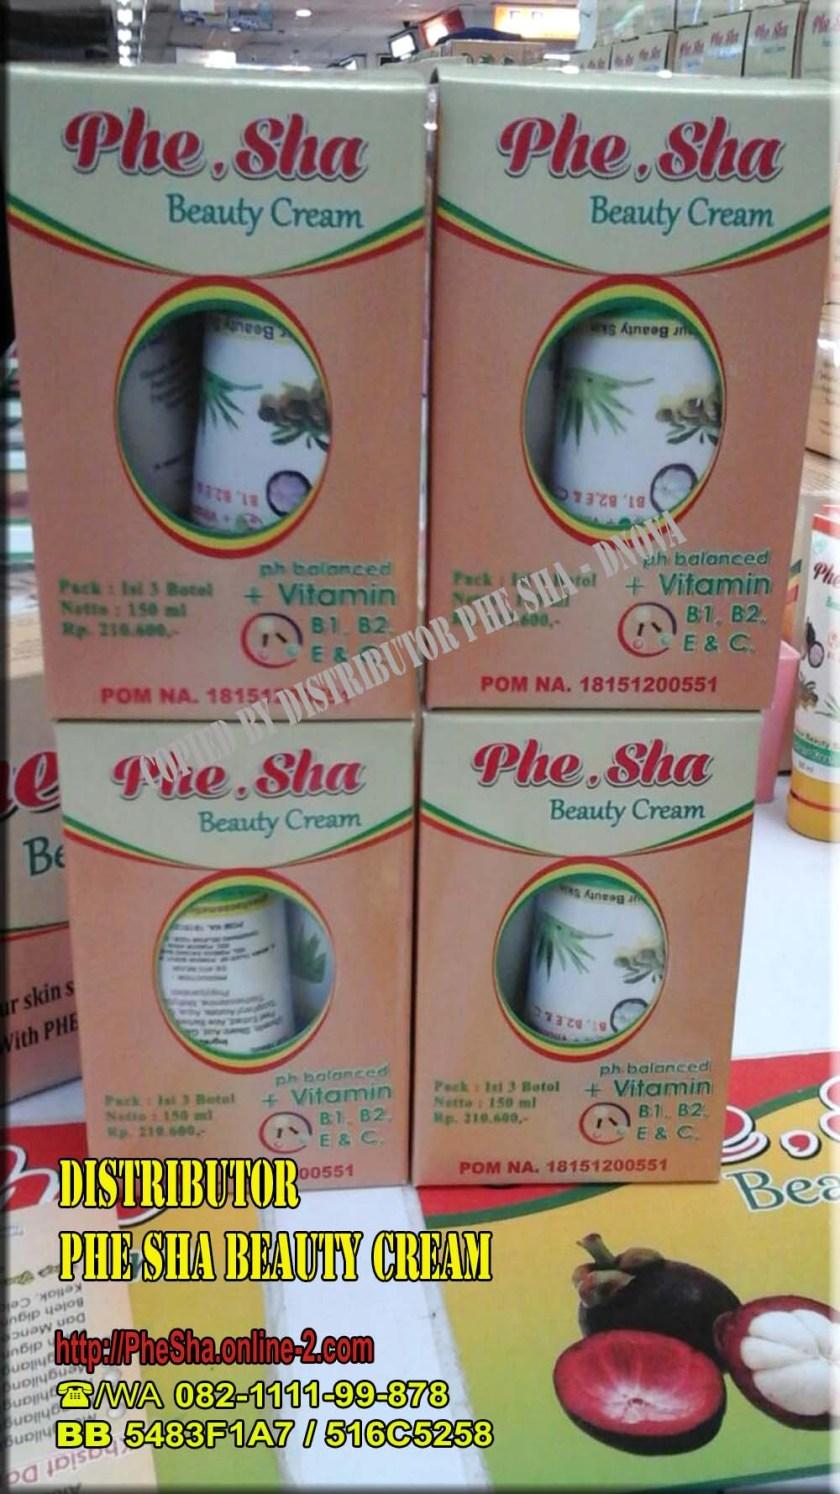 JUAL PHE SHA BEAUTY CREAM-KEMASAN BOTOL 50ML (1): Jual Phe Sha di Banda Aceh , Jual Phe Sha di Medan , Jual Phe Sha di Padang , Jual Phe Sha di Pekanbaru , Jual Phe Sha di Jambi , Jual Phe Sha di Palembang , Jual Phe Sha di Bengkulu , Jual Phe Sha di Bandar Lampung , Jual Phe Sha di Pangkal Pinang , Jual Phe Sha di Tanjung Pinang , Jual Phe Sha di Jakarta , Jual Phe Sha di Yogyakarta , Jual Phe Sha di Bandung , Jual Phe Sha di Semarang , Jual Phe Sha di Surabaya , Jual Phe Sha di Serang , Jual Phe Sha di Denpasar , Jual Phe Sha di Kupang , Jual Phe Sha di Mataram , Jual Phe Sha di Pontianak , Jual Phe Sha di Palangka Raya , Jual Phe Sha di Banjarmasin , Jual Phe Sha di Samarinda , Jual Phe Sha di Tanjung Selor , Jual Phe Sha di Manado , Jual Phe Sha di Palu , Jual Phe Sha di Makassar , Jual Phe Sha di Kendari , Jual Phe Sha di Mamuju , Jual Phe Sha di Gorontalo , Jual Phe Sha di Ambon , Jual Phe Sha di Sofifi , Jual Phe Sha di Jayapura , Jual Phe Sha di Manokwari , Jual Phe Sha di Bekasi, Jual Phe Sha di Depok, Jual Phe Sha di Tangerang, Jual Phe Sha di Lampung, Jual Phe Sha di Malang, Jual Phe Sha di Solo, Jual Phe Sha di Jogja, Jual Phe Sha di Tasikmalaya, Jual Phe Sha di Garut, Jual Phe Sha di Jember, Jual Phe Sha di Jawa, Jual Phe Sha di Kalimantan, Jual Phe Sha di Sulawesi, Jual Phe Sha di Sumatera, Jual Phe Sha di Maluku, Jual Phe Sha di Batam, Jual Phe Sha di Aceh , Jual Phe Sha di Pesisir kota Banda Aceh, Jual Phe Sha di Sumatera Utara , Jual Phe Sha di Sumatera Barat , Jual Phe Sha di Riau , Jual Phe Sha di Sumatera Selatan , Jual Phe Sha di Lampung , Jual Phe Sha di Kepulauan Bangka Belitung , Jual Phe Sha di Kepulauan Riau , Jual Phe Sha di Jawa Barat , Jual Phe Sha di Jawa Tengah , Jual Phe Sha di Jawa Timur , Jual Phe Sha di Pemandangan Surabaya pada waktu malam, Jual Phe Sha di Banten , Jual Phe Sha di Sunda Kecil, Jual Phe Sha di Bali , Jual Phe Sha di Nusa Tenggara Timur , Jual Phe Sha di Nusa Tenggara Barat , Jual Phe Sha di Kalimantan Barat , Jual 